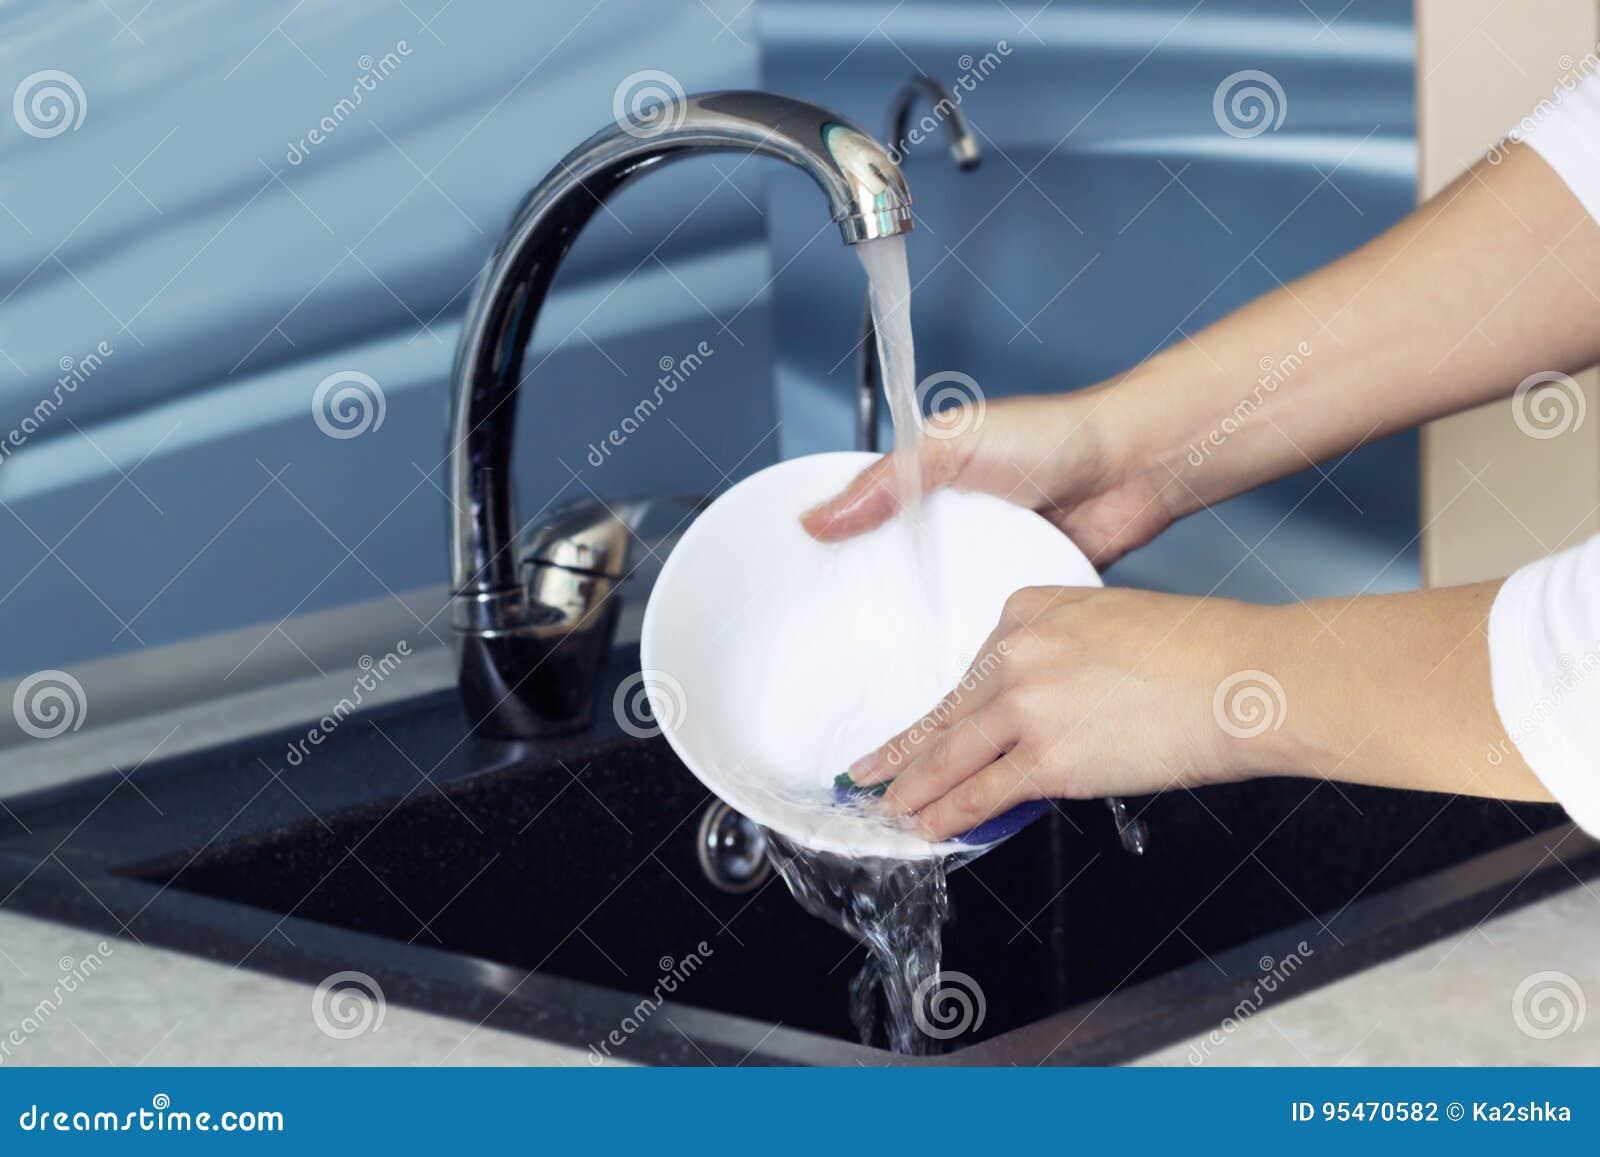 Frau übergibt das Ausspülen von Tellern unter fließendem Wasser in der Wanne